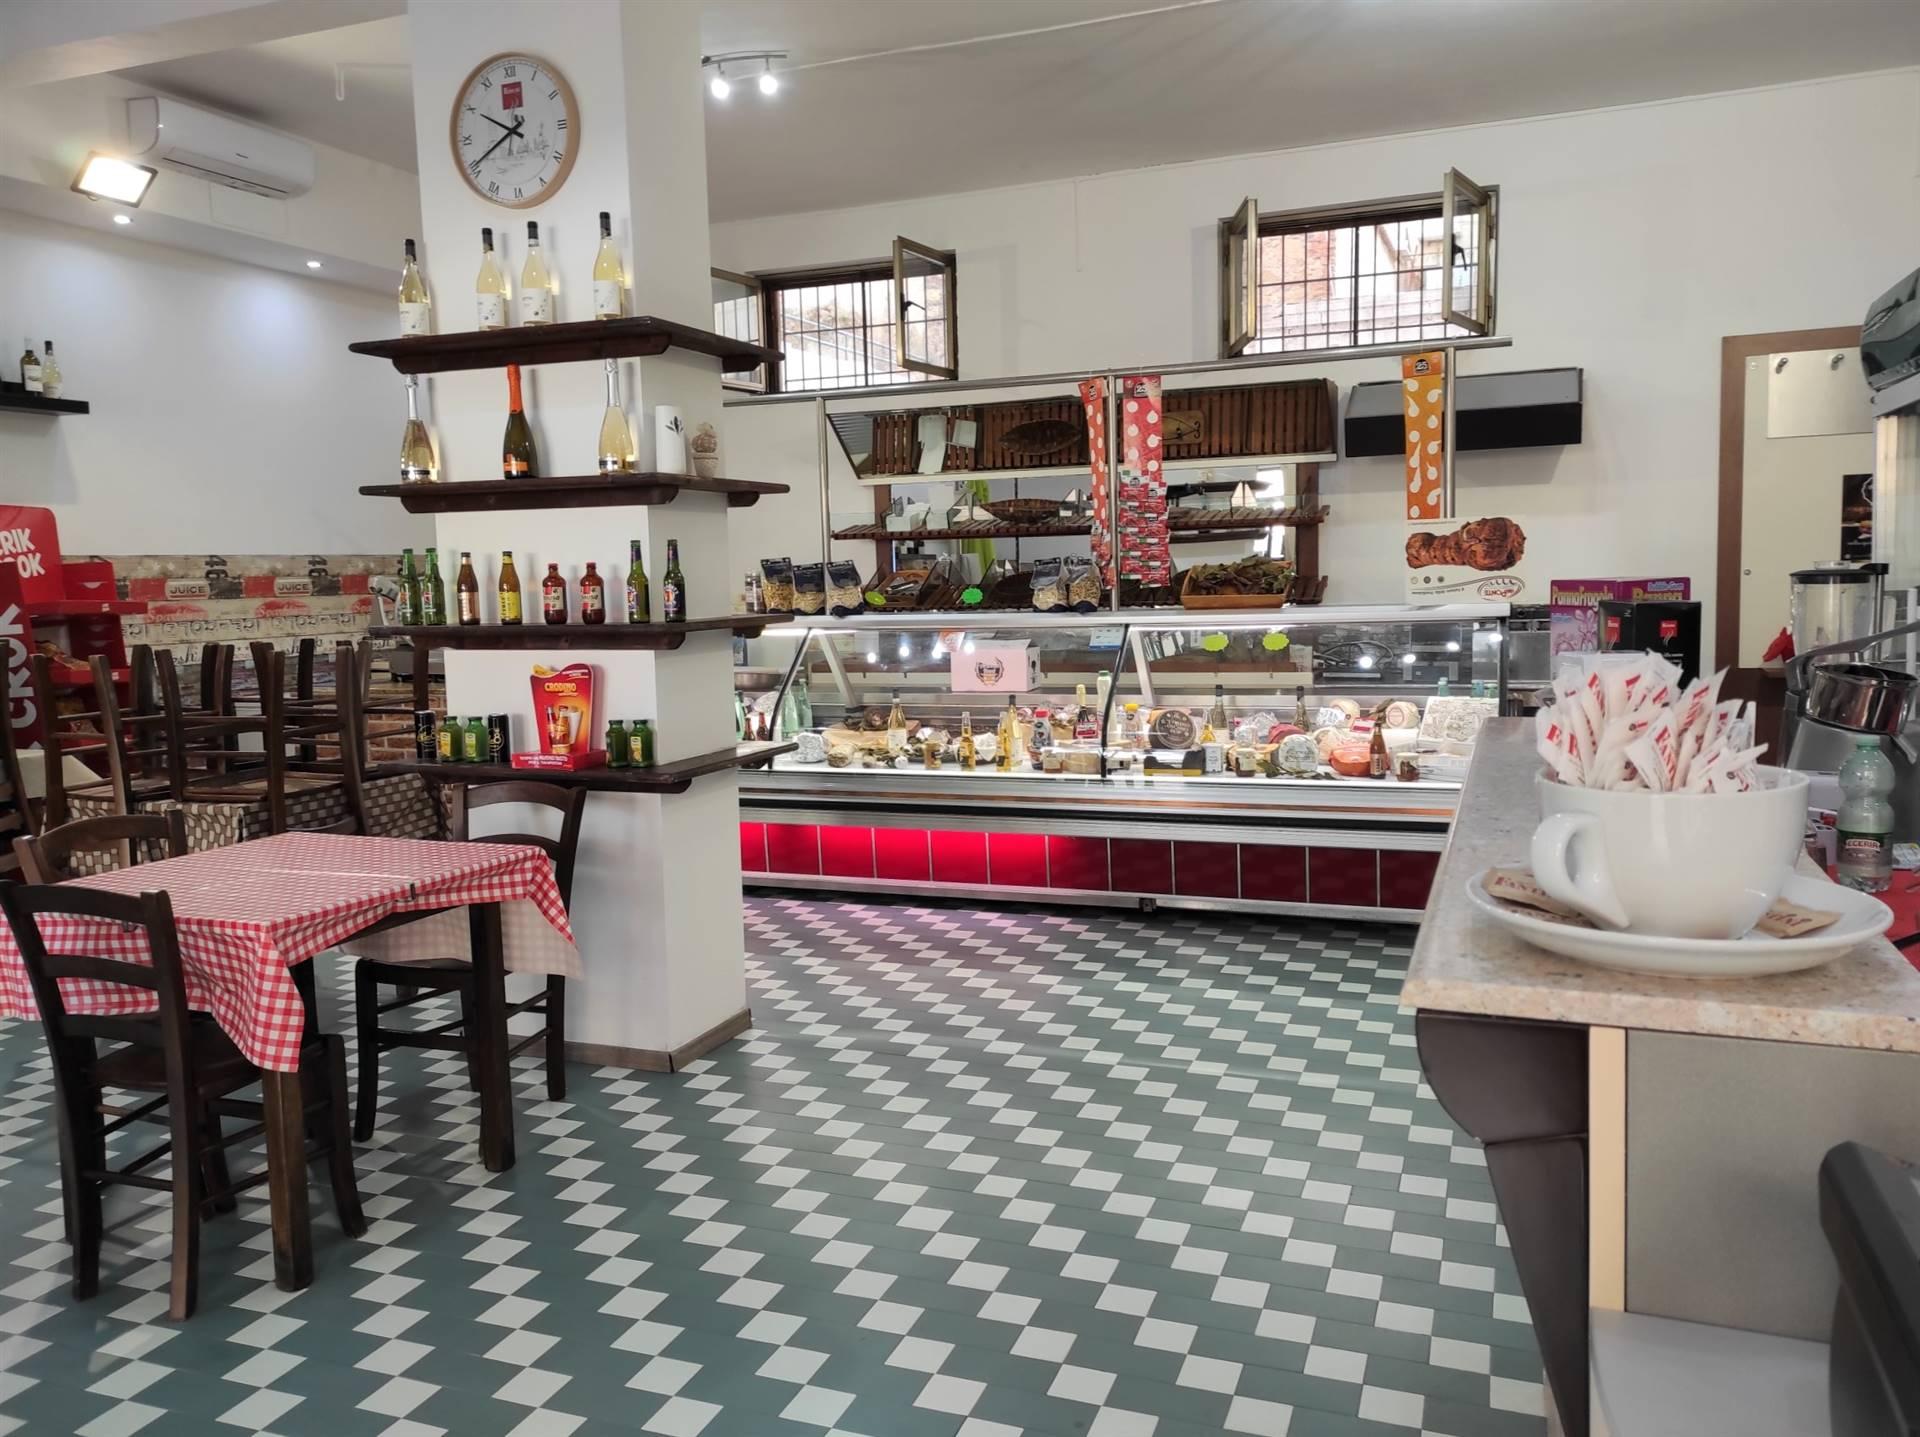 Ristorante / Pizzeria / Trattoria in vendita a Nettuno, 1 locali, zona Località: CENTRO, prezzo € 50.000   CambioCasa.it